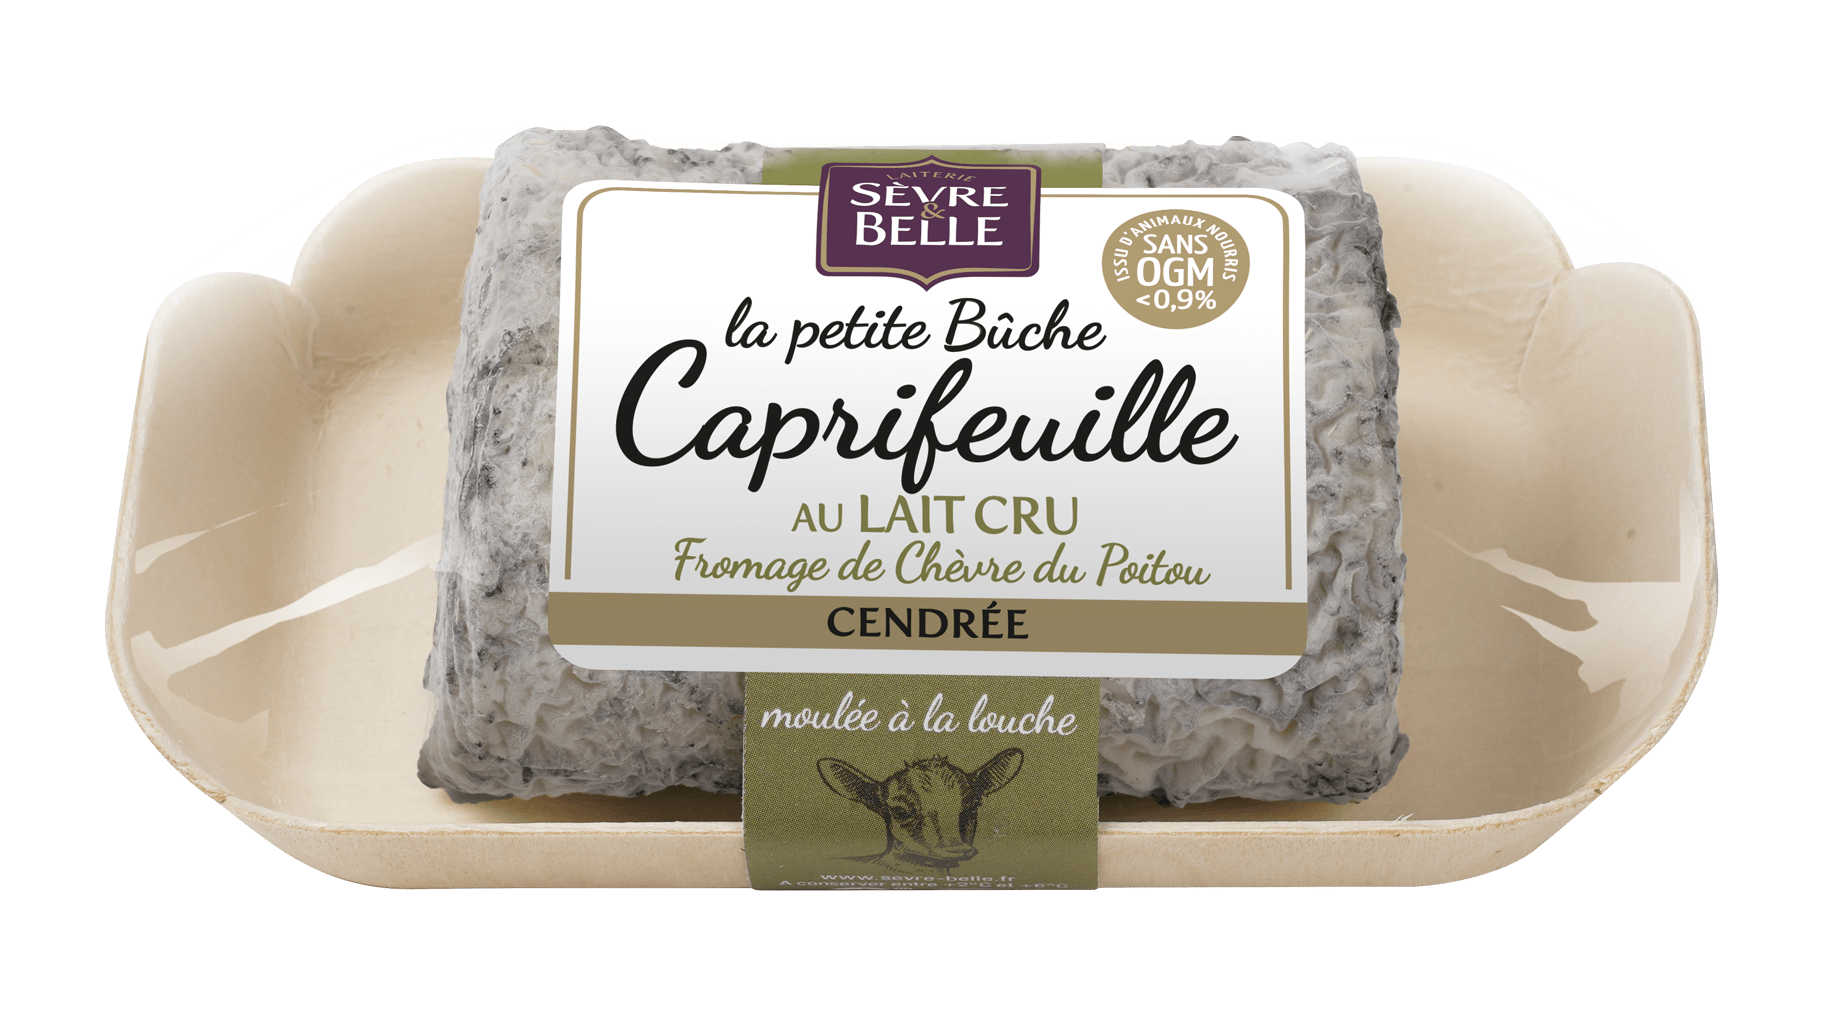 Fromage de chèvre au lait cru du Poitou Caprifeuille cendrée